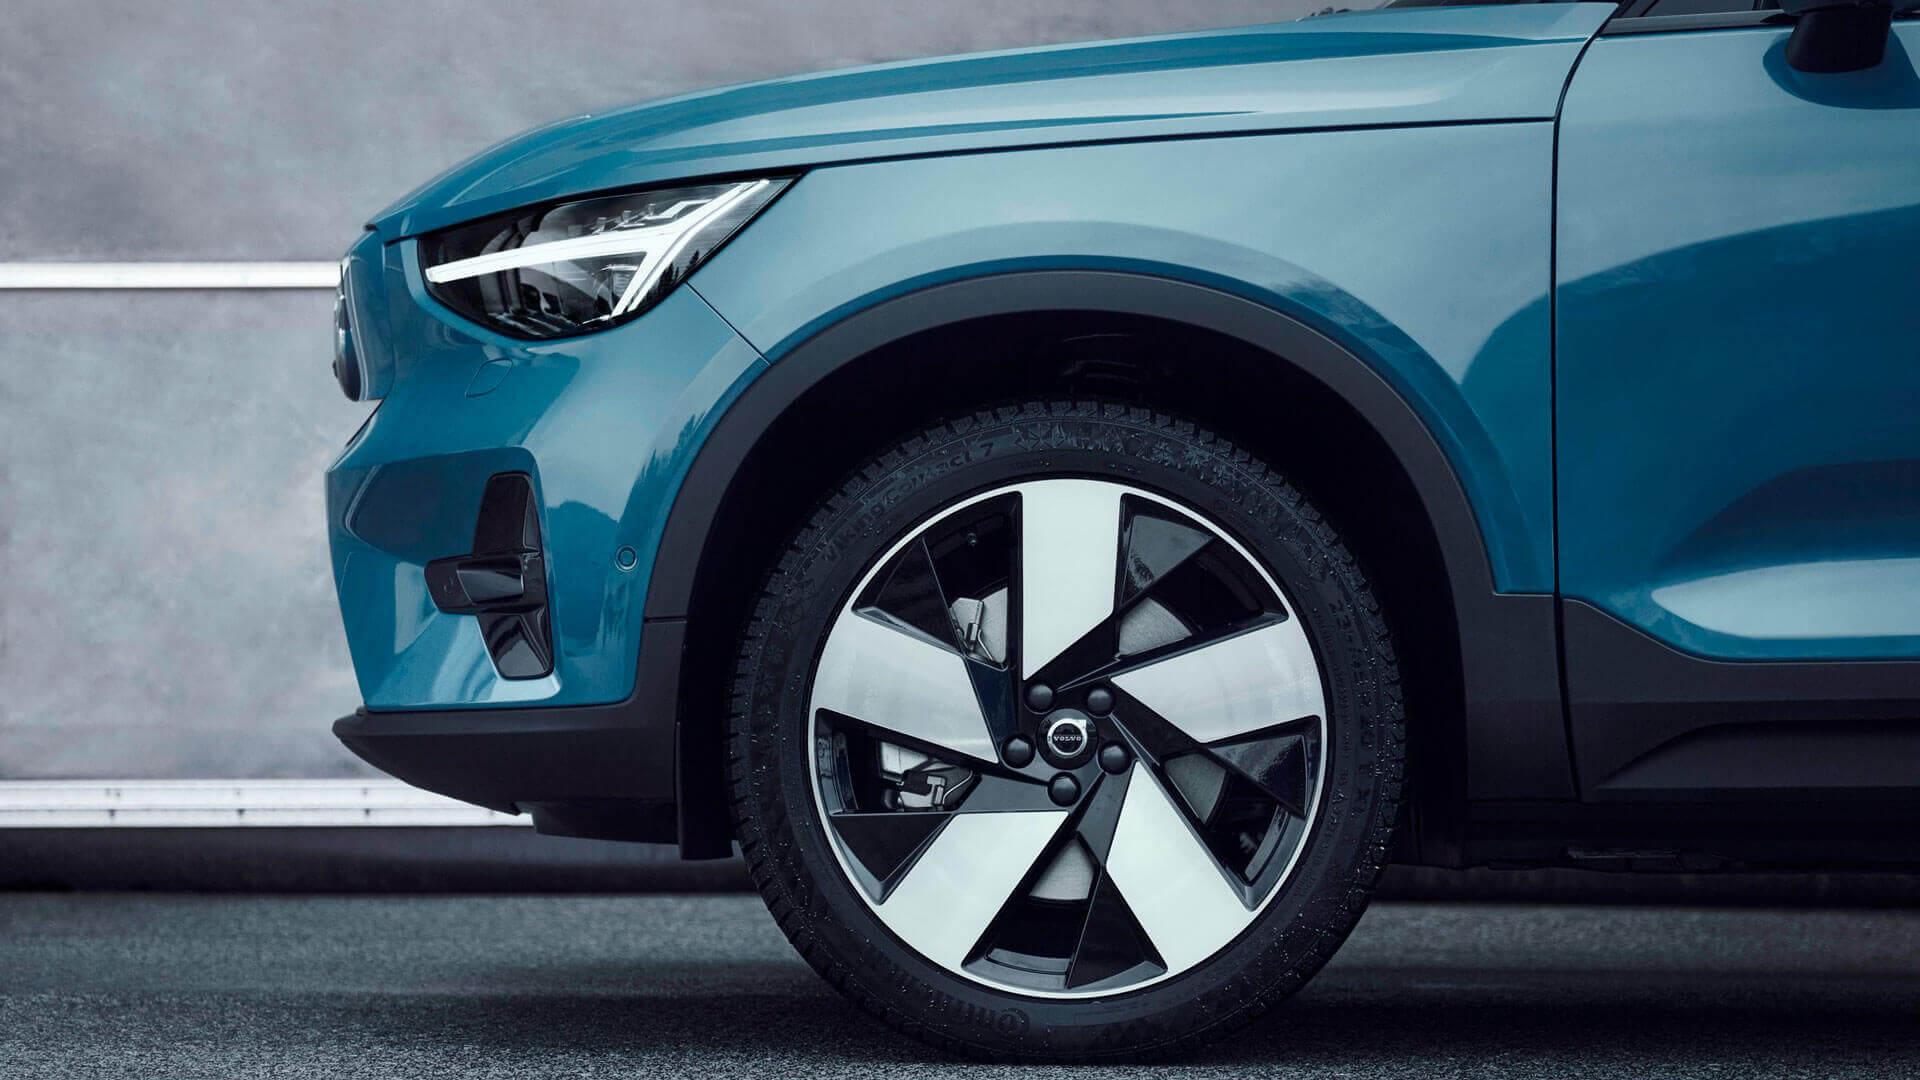 Диски и шины второго серийного электромобиля Volvo C40 Recharge